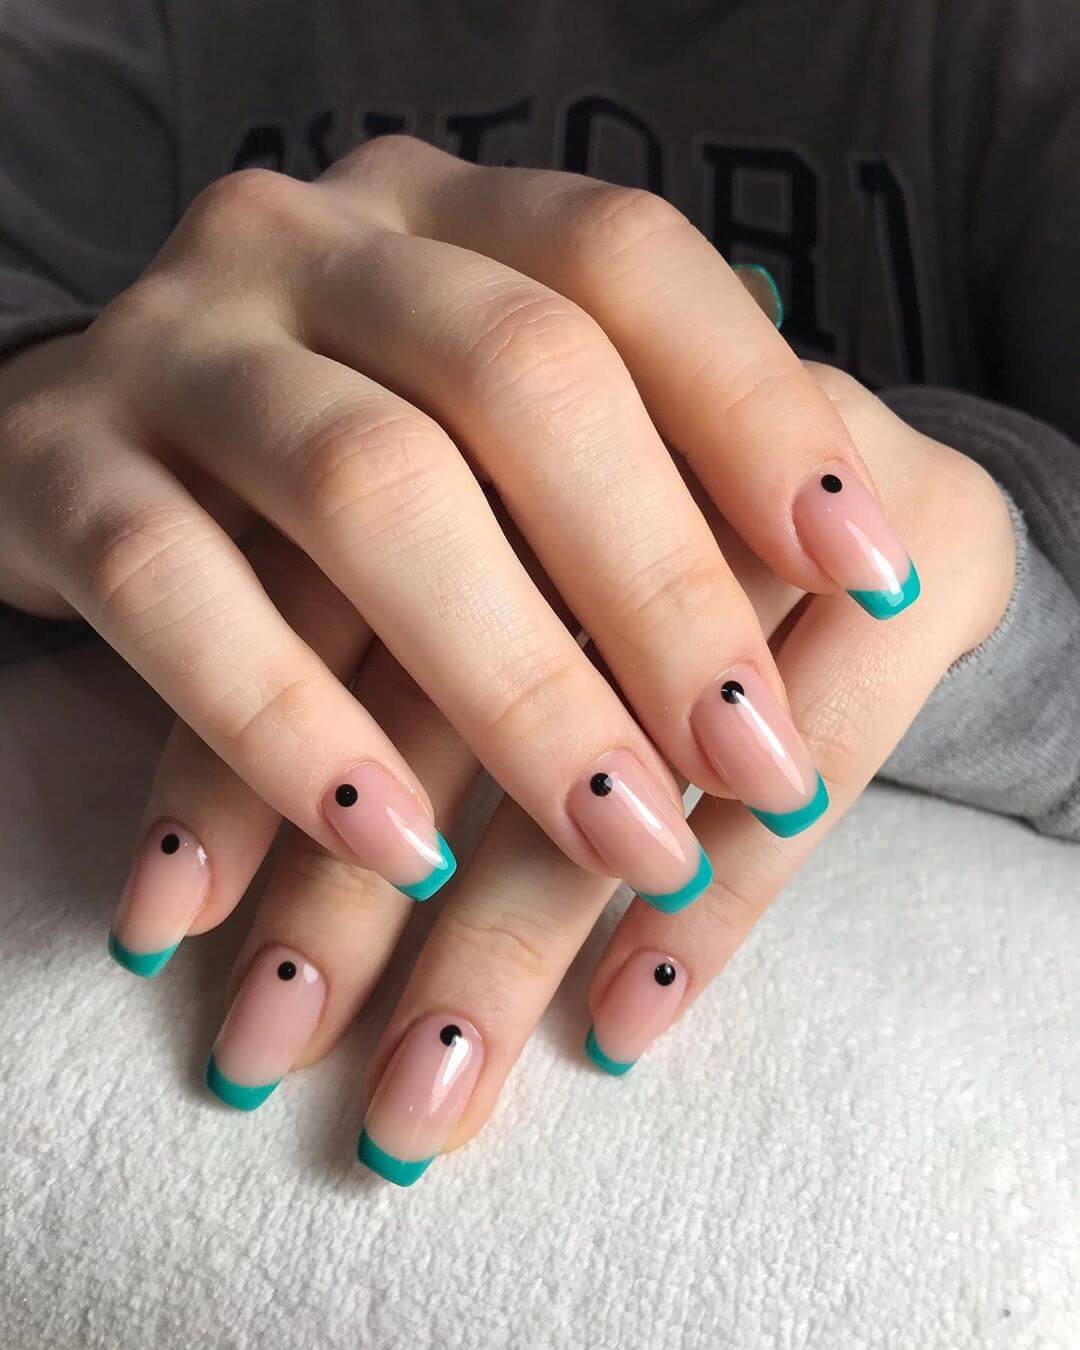 diseño de uñas francesas con puntos